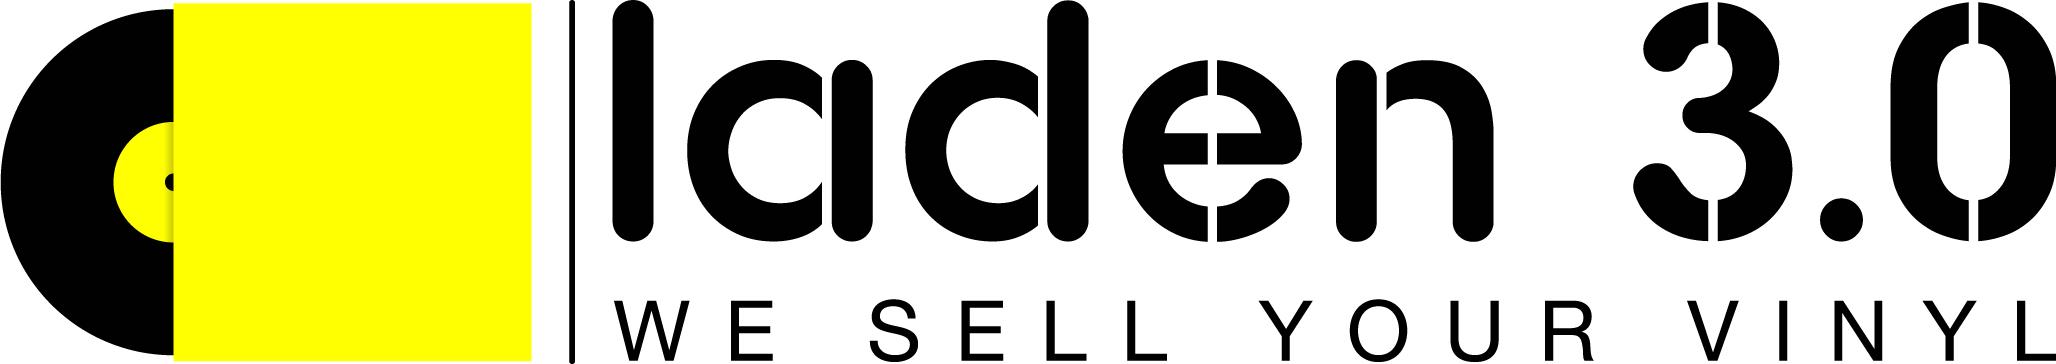 Laden 3.0 Logo Corporate Design Geschäftsausstattung Gesa Siebert Kommunikationsdesign